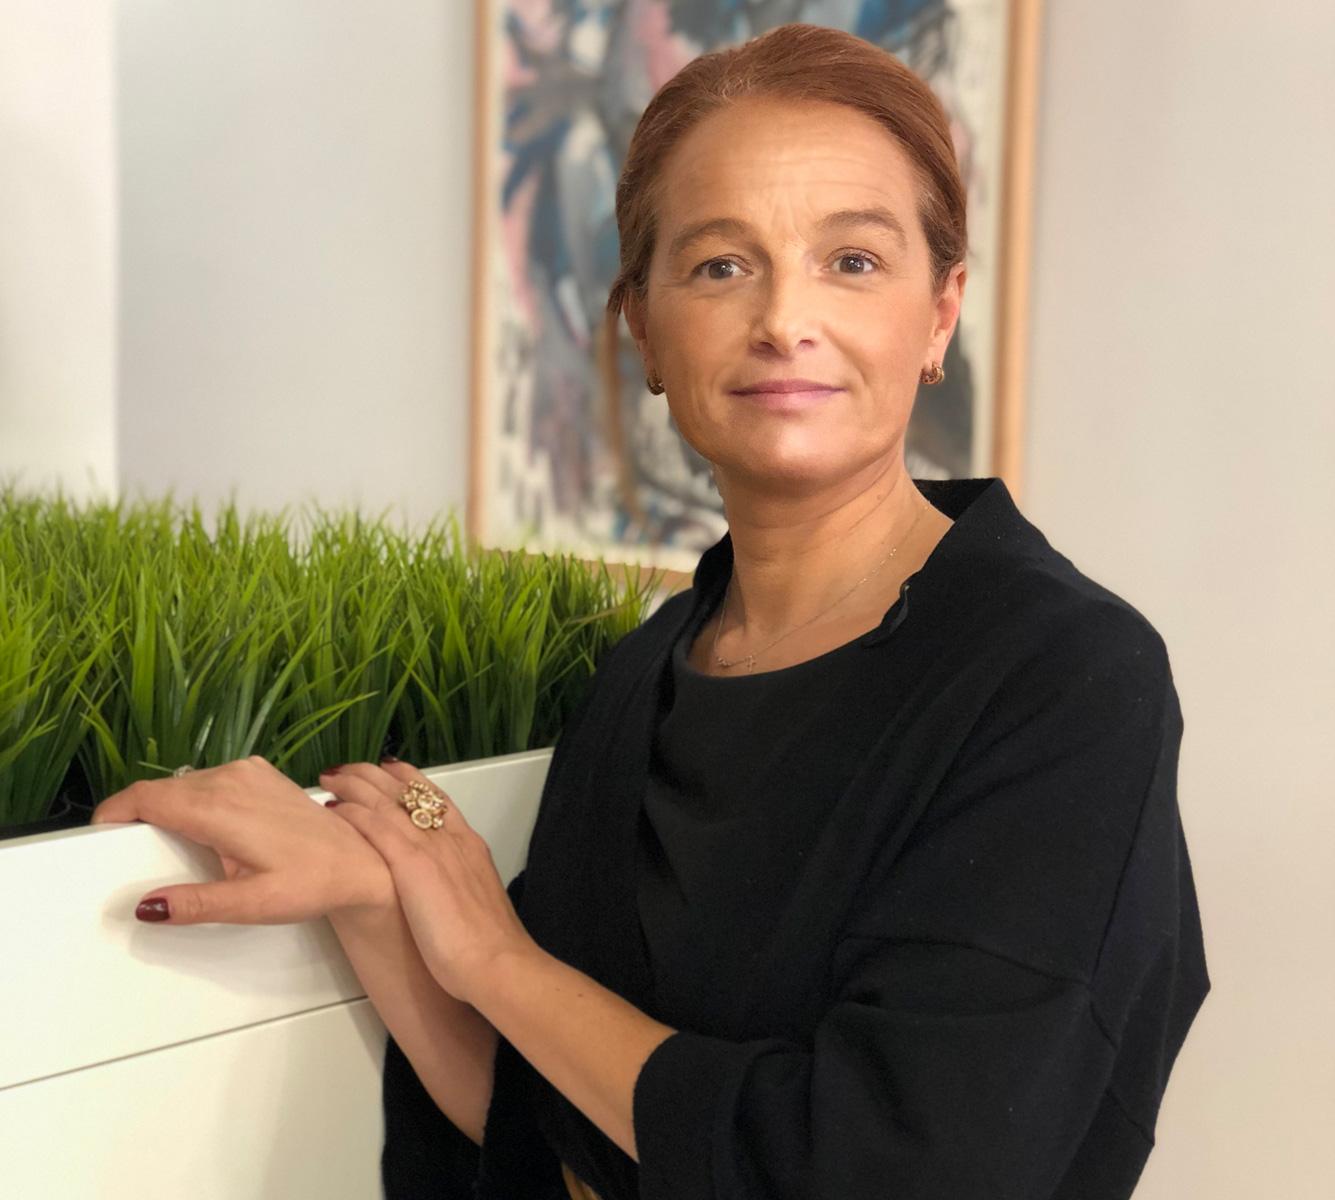 Lucía Noriega Serrano